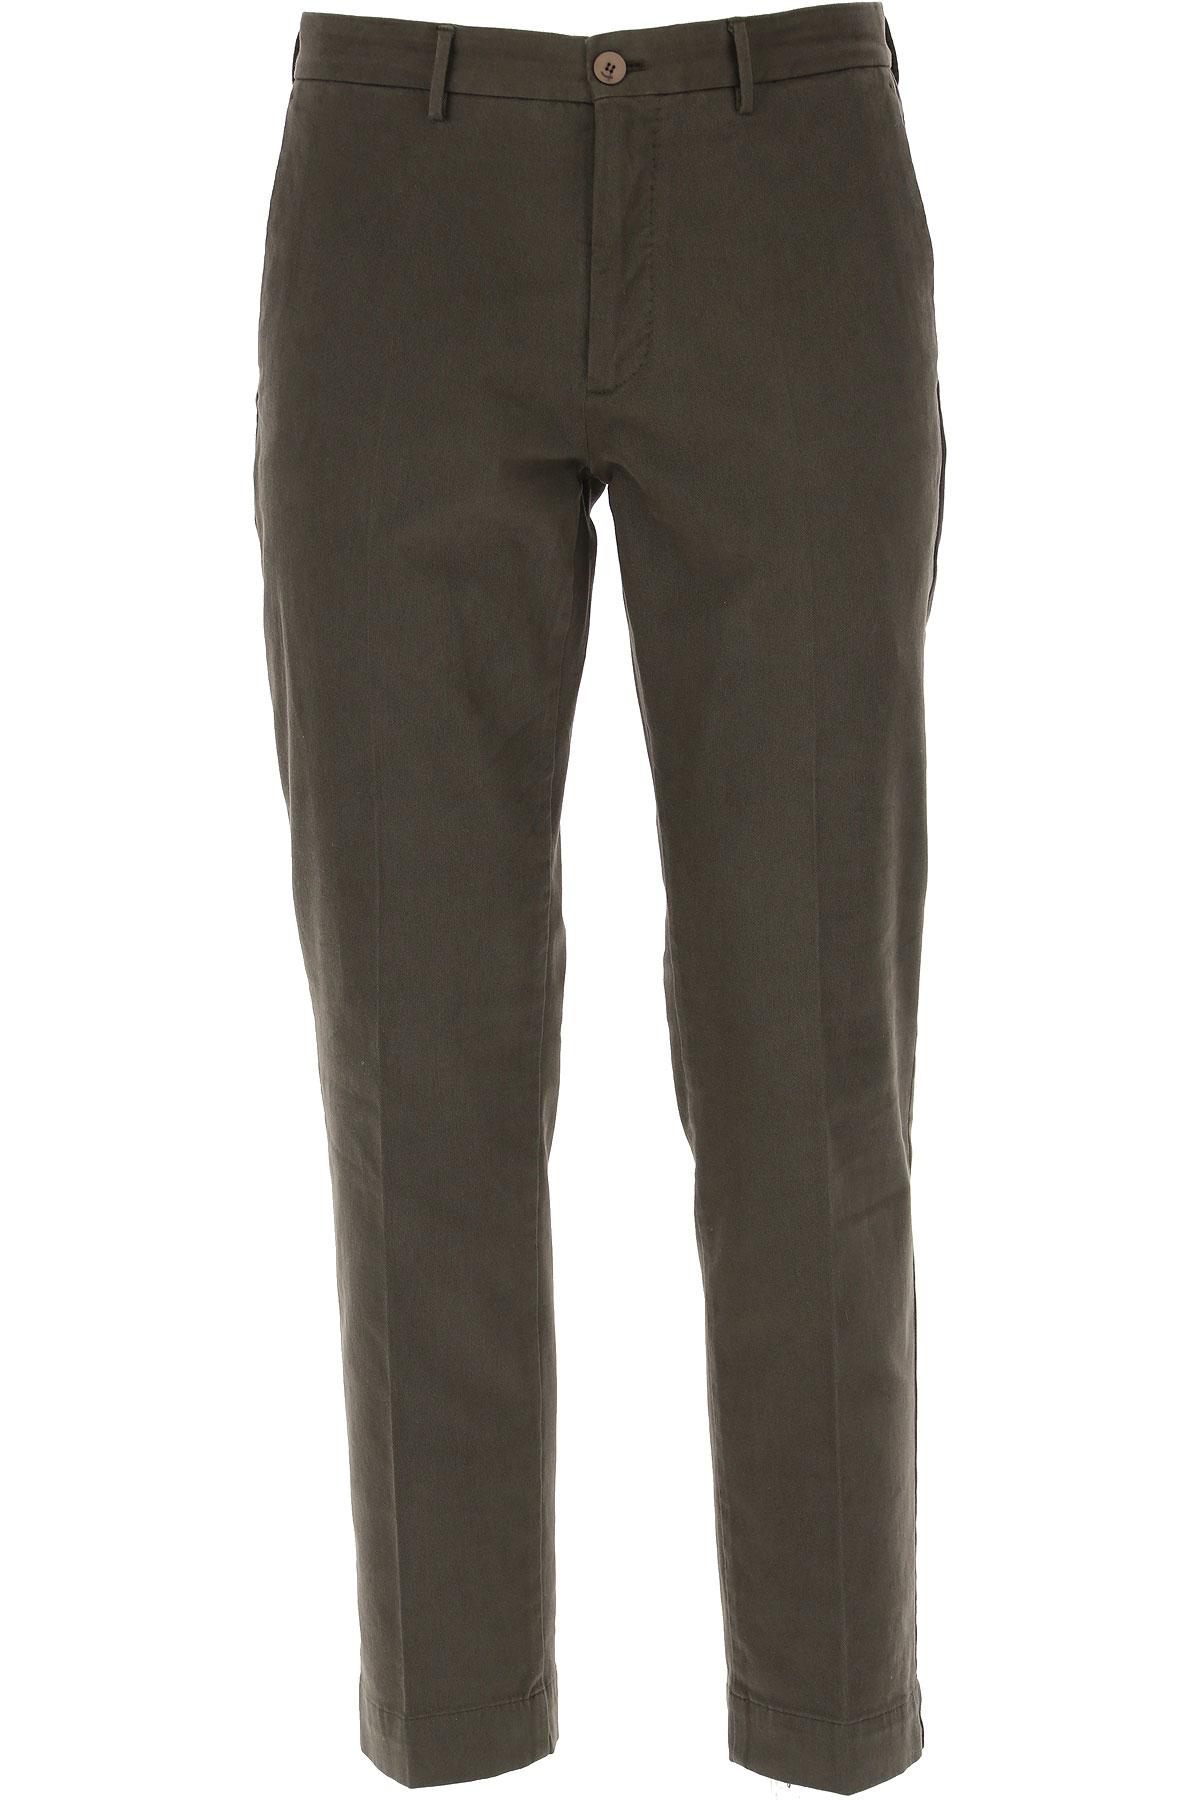 Incotex Pantalon Homme, Gris foncé asphalte, Coton, 2019, 48 50 52 54 56